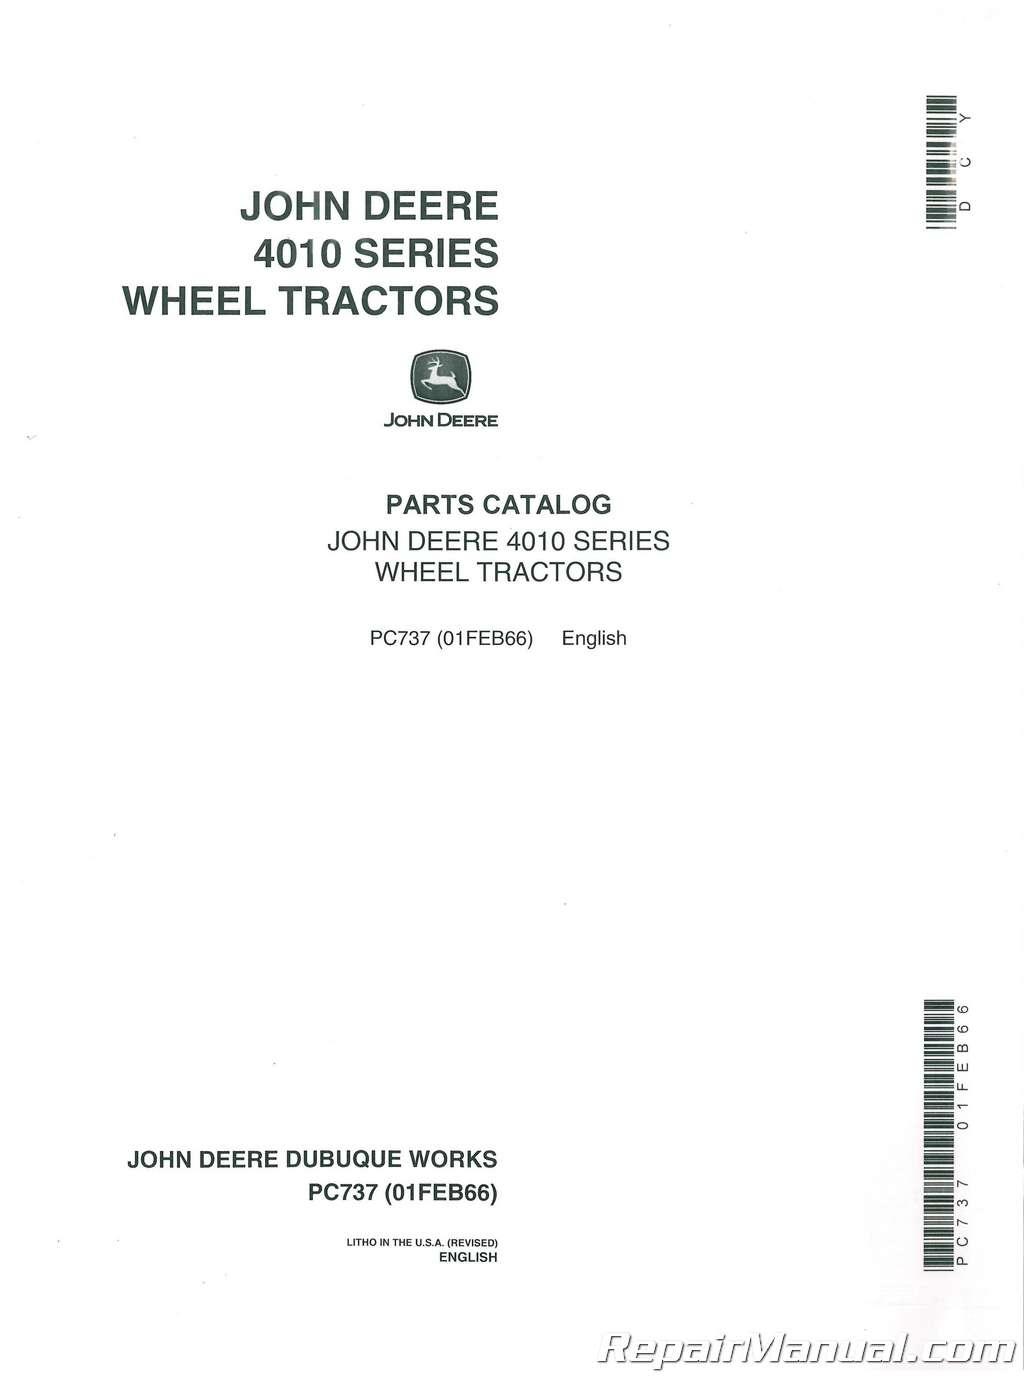 John Deere JD 4010 Series Tractors Parts Manual